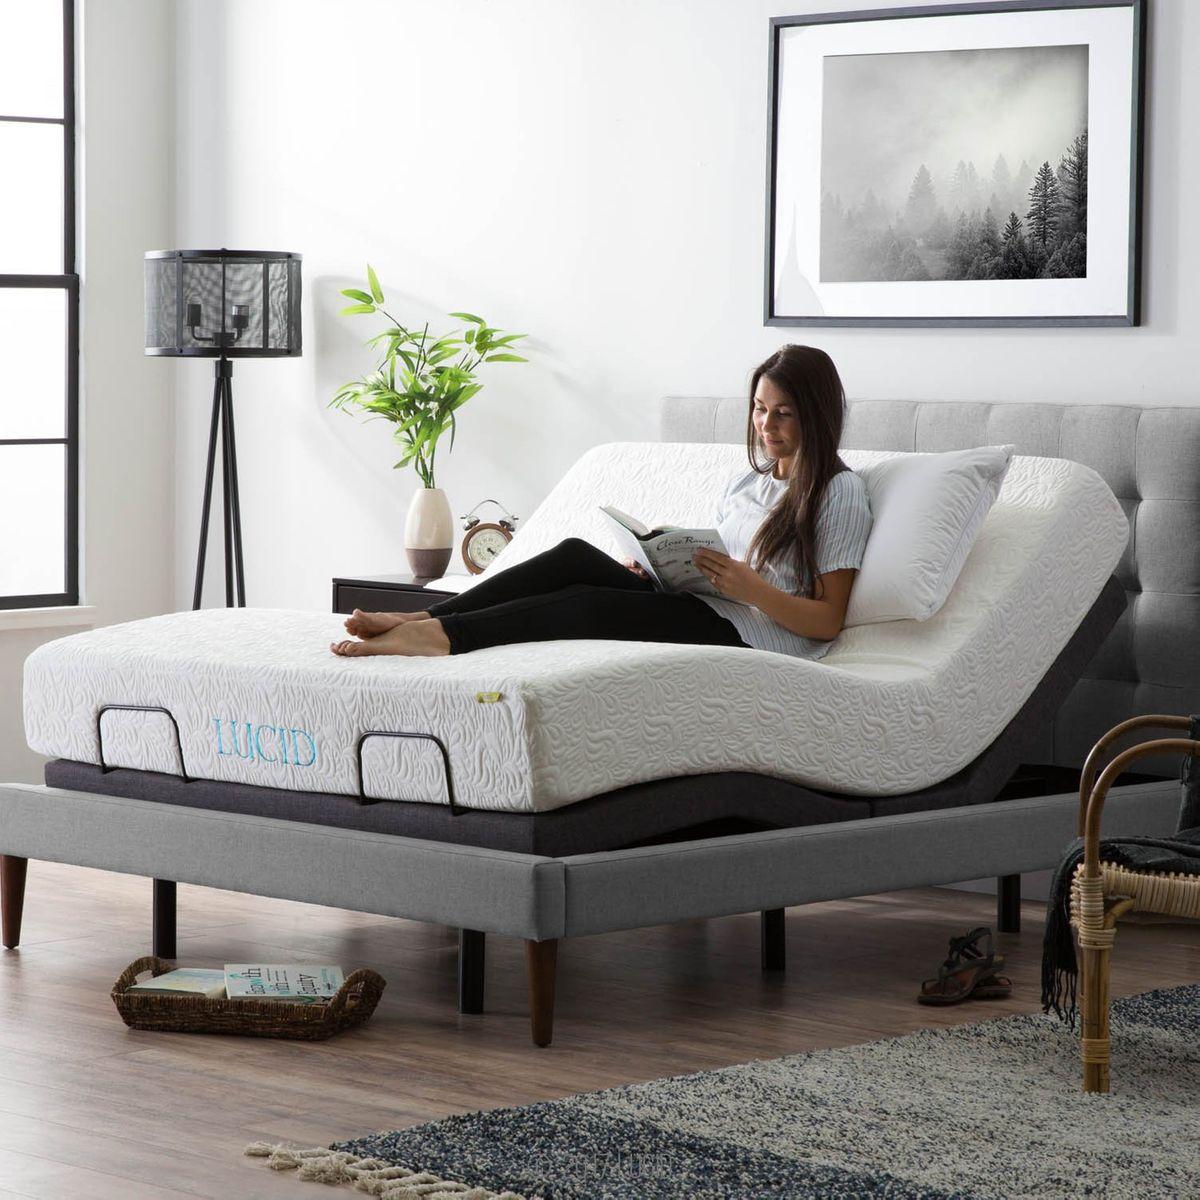 King Adjustable Bed Designs